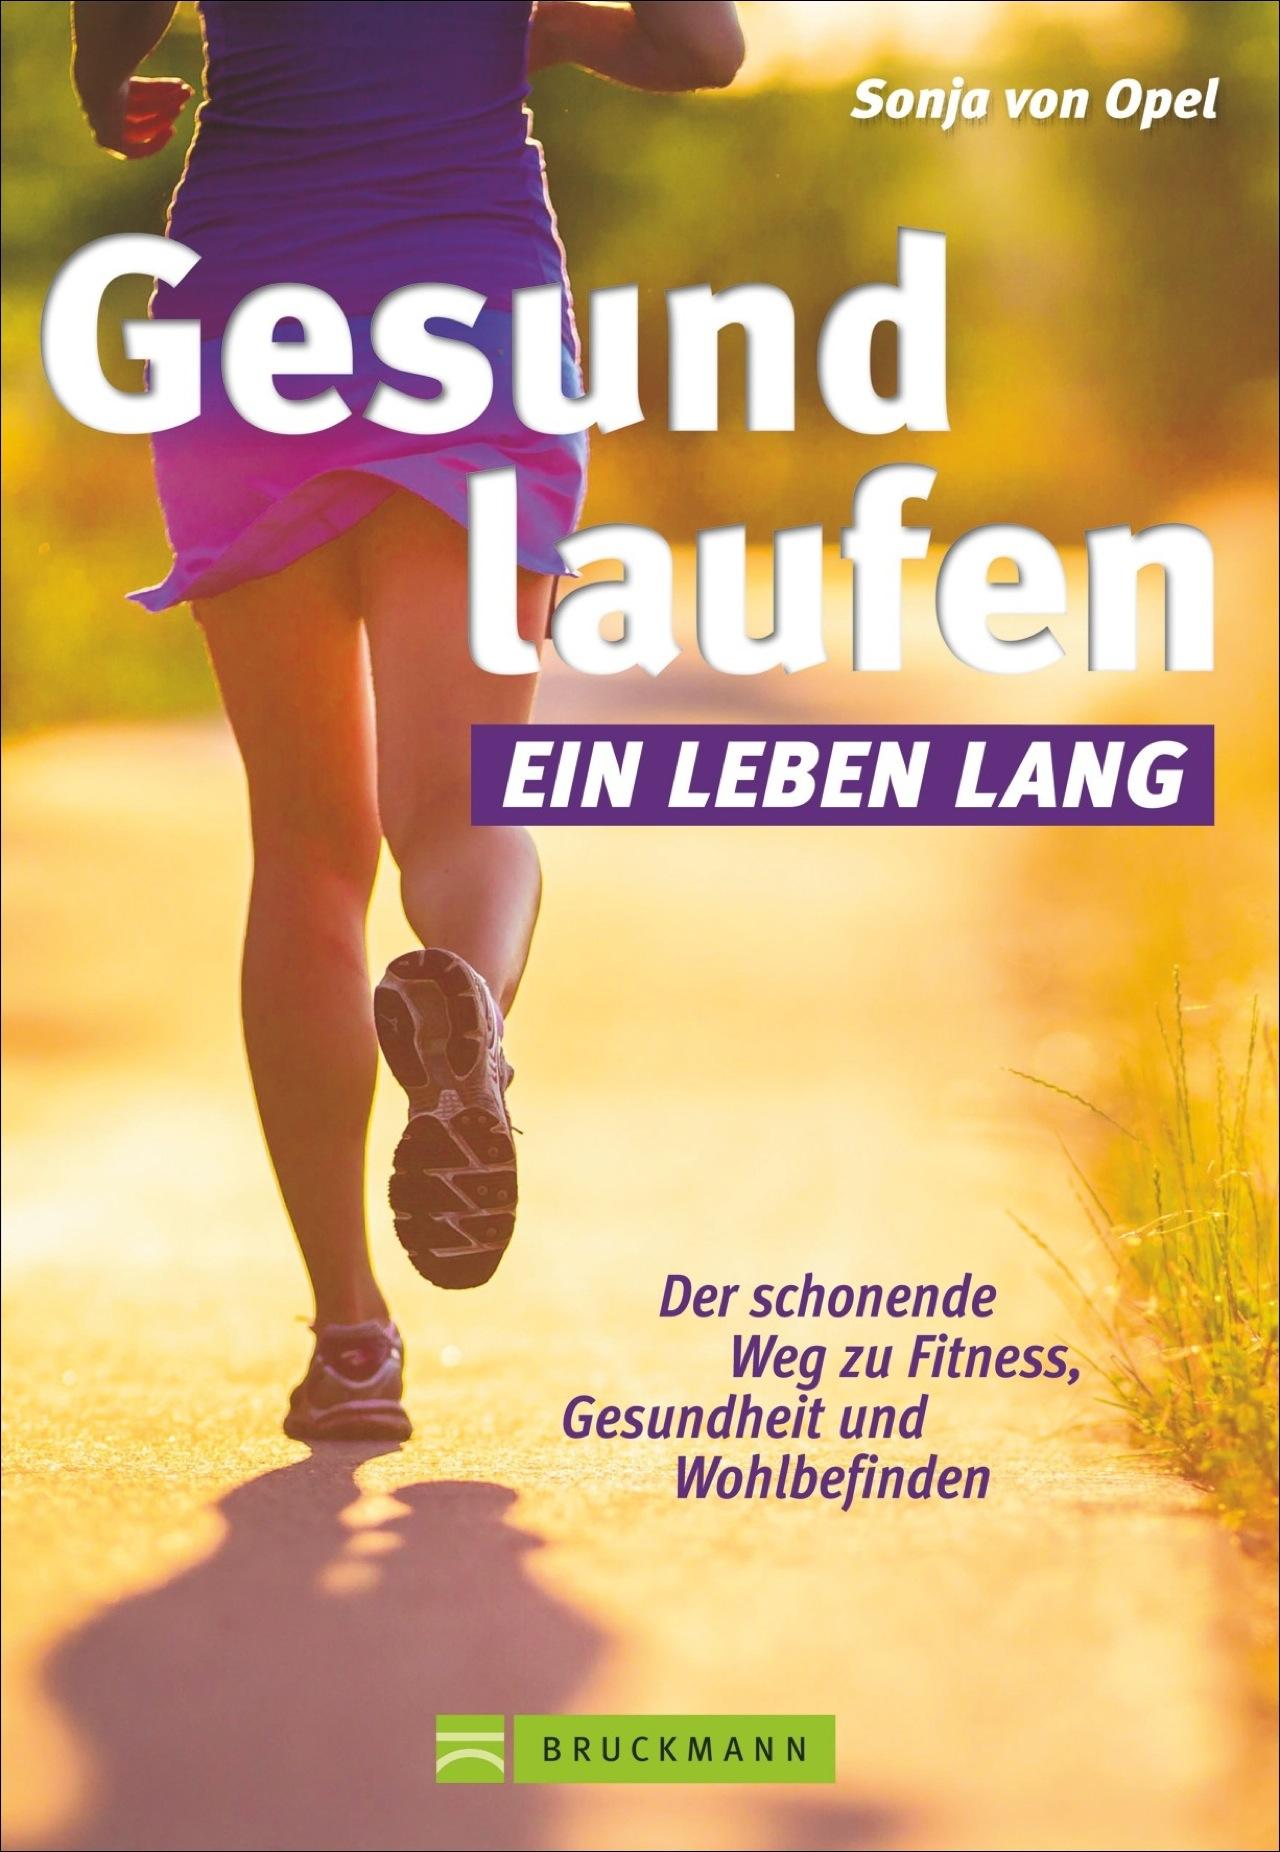 Gesund laufen - ein Leben lang: Der schonende Weg zu Fitness, Gesundheit & Wohlbefinden in einem Laufbuch - Sonja von Op